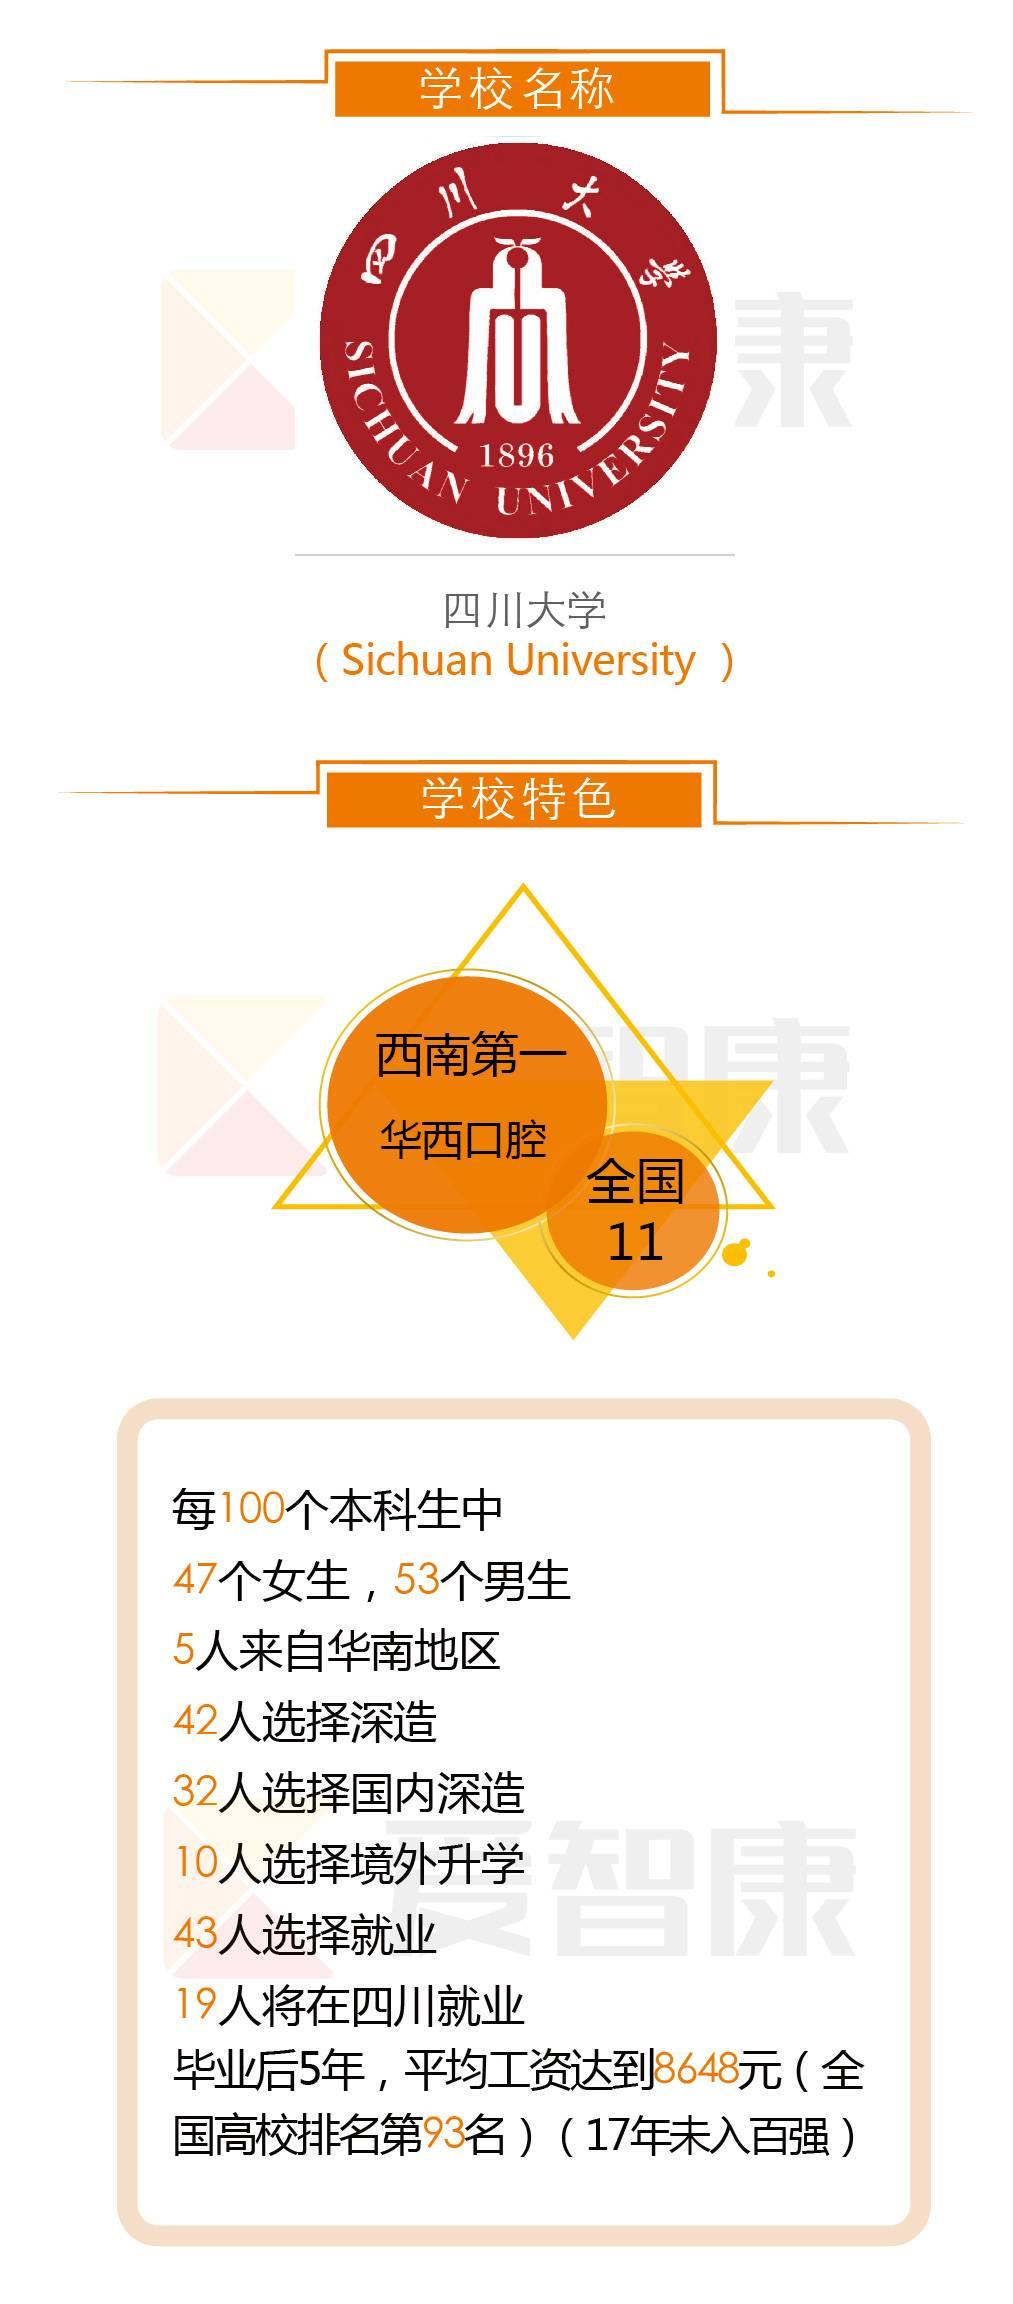 四川大学学校名称学习特色